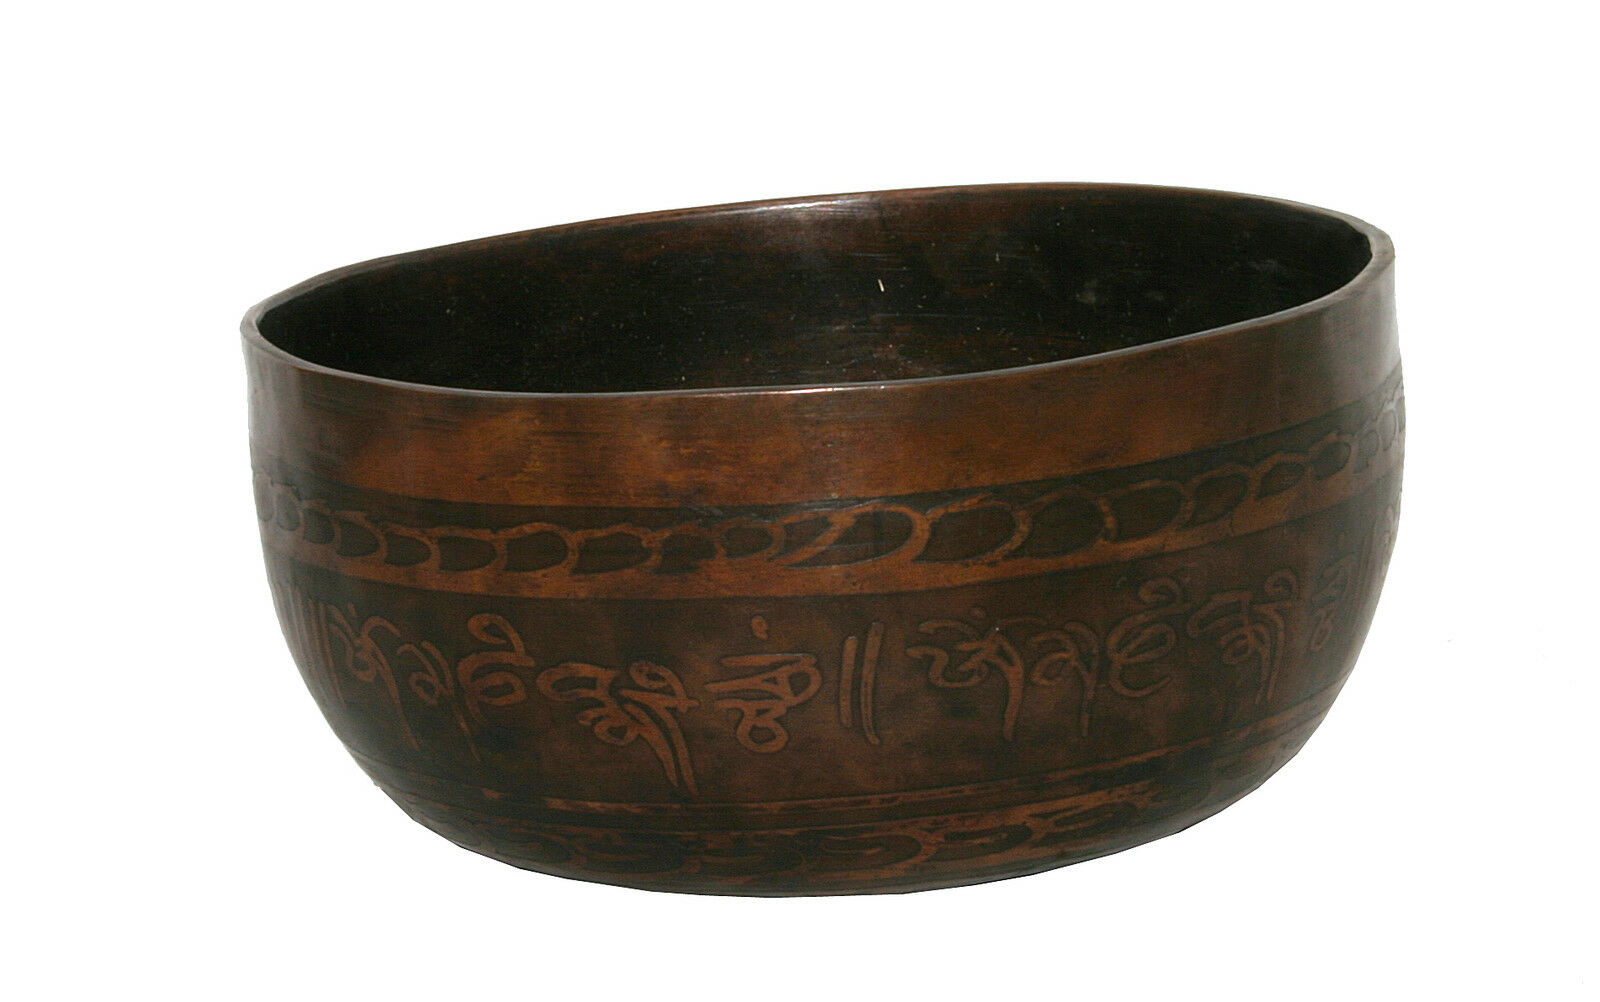 Klangschale Tibet Singing Bowl Klangtherapie Meditation  Hörprobe  475g MF2F